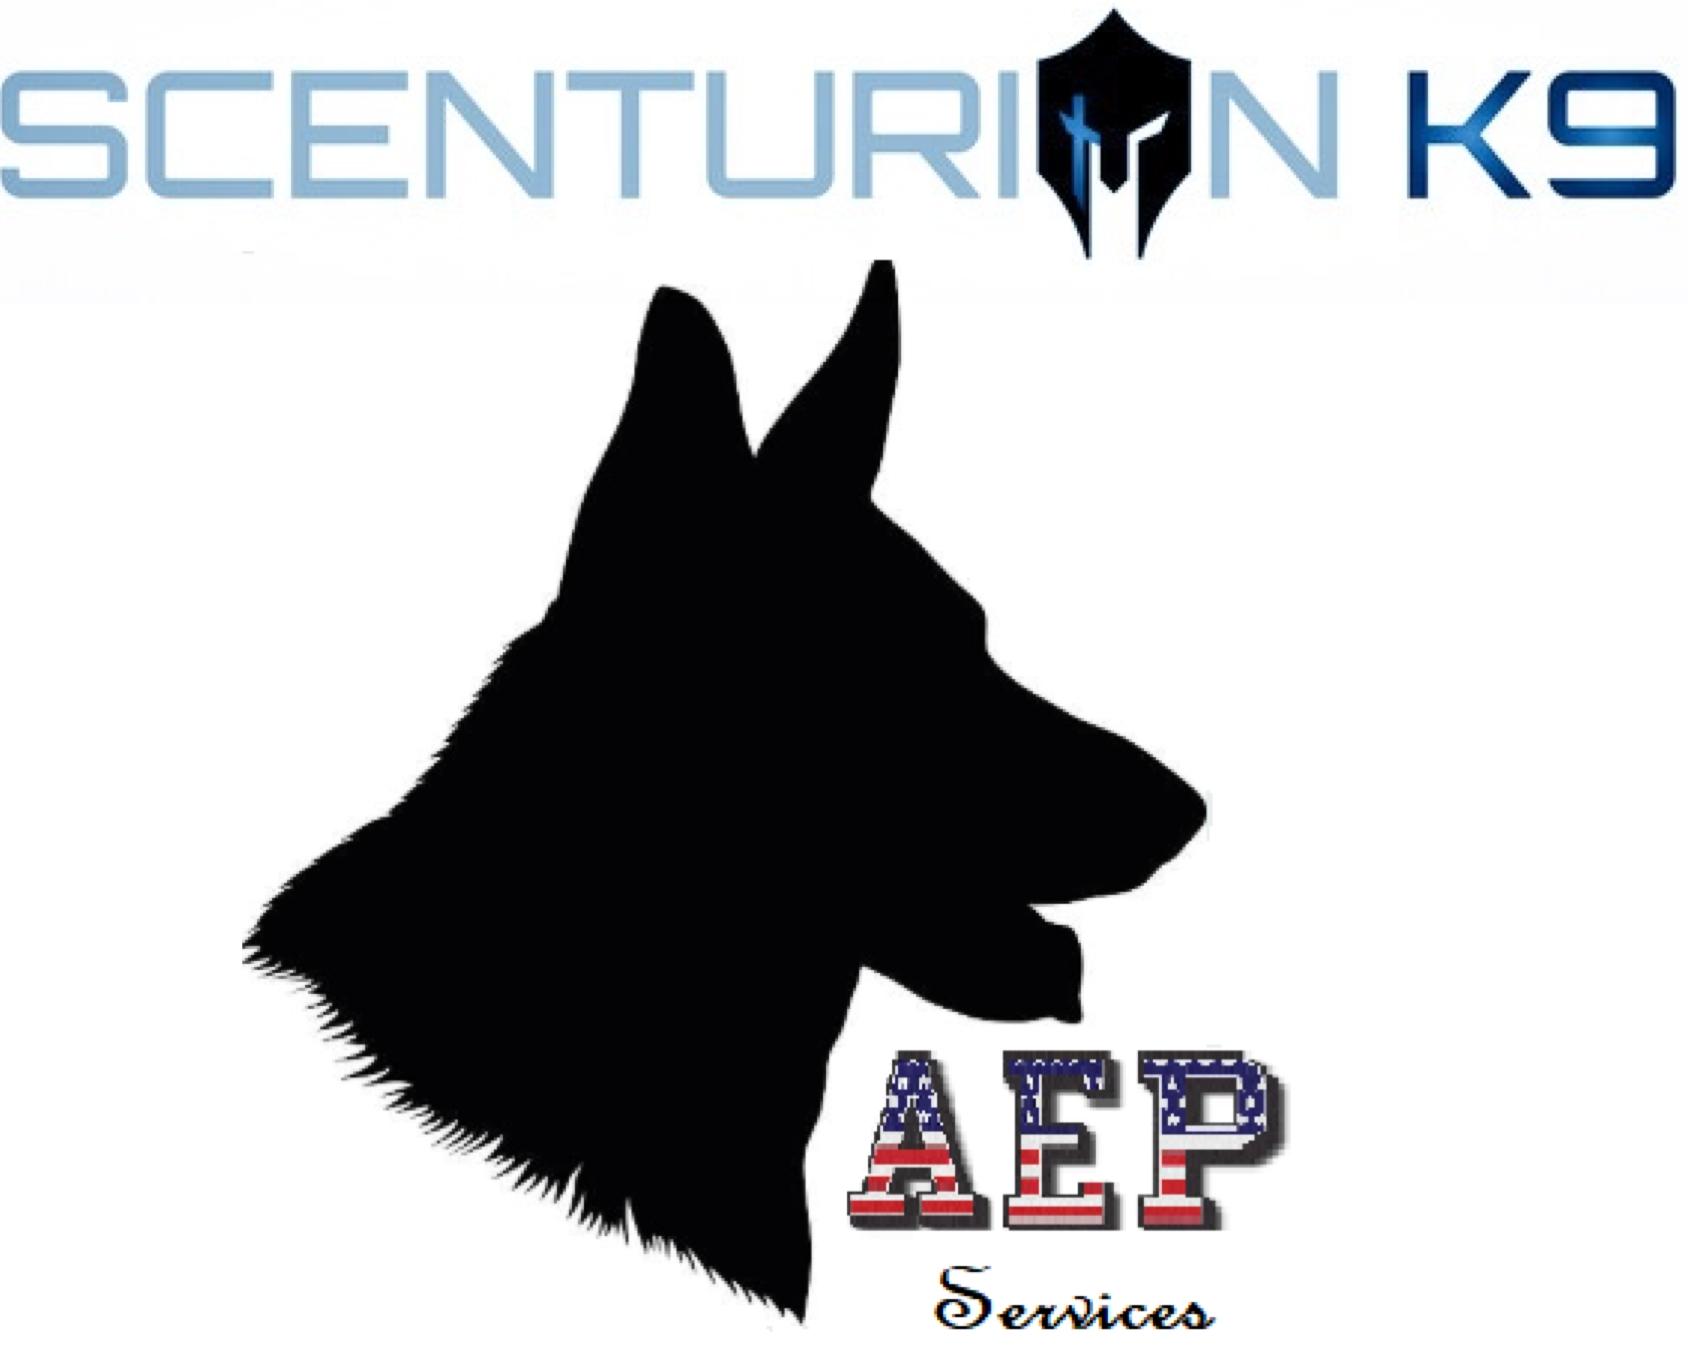 AEP Services & Scenturion K9